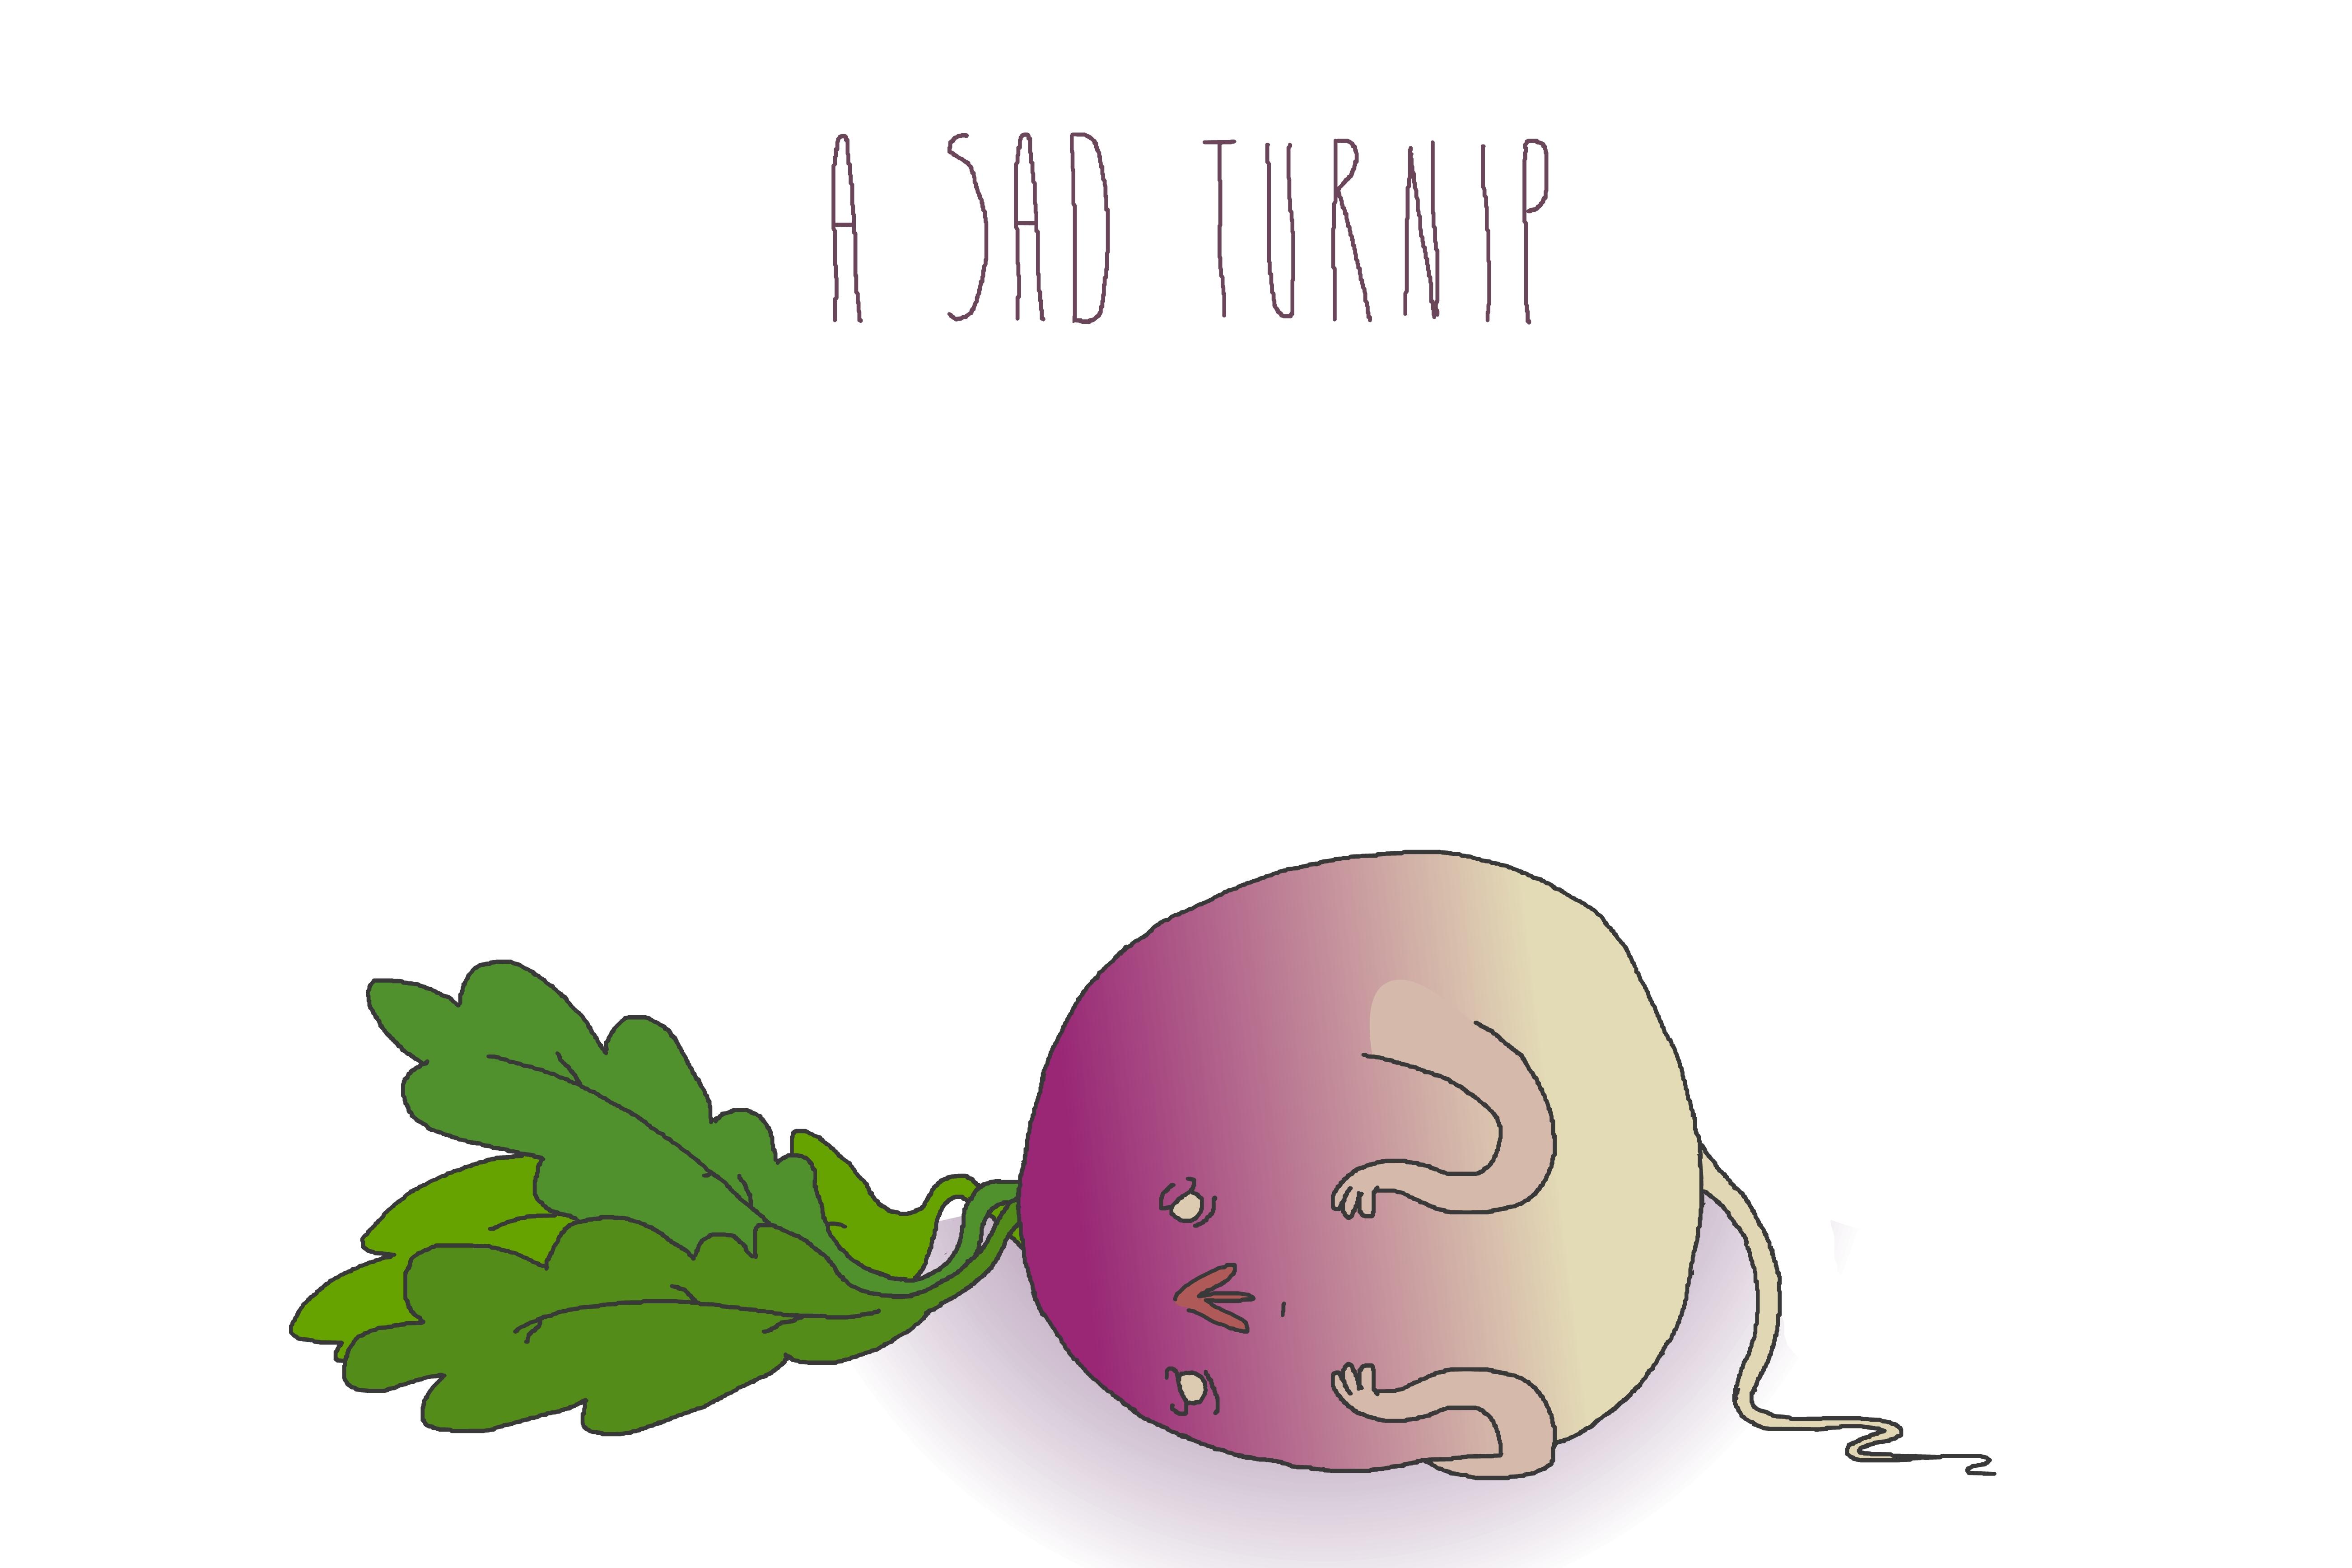 Sad Turnip